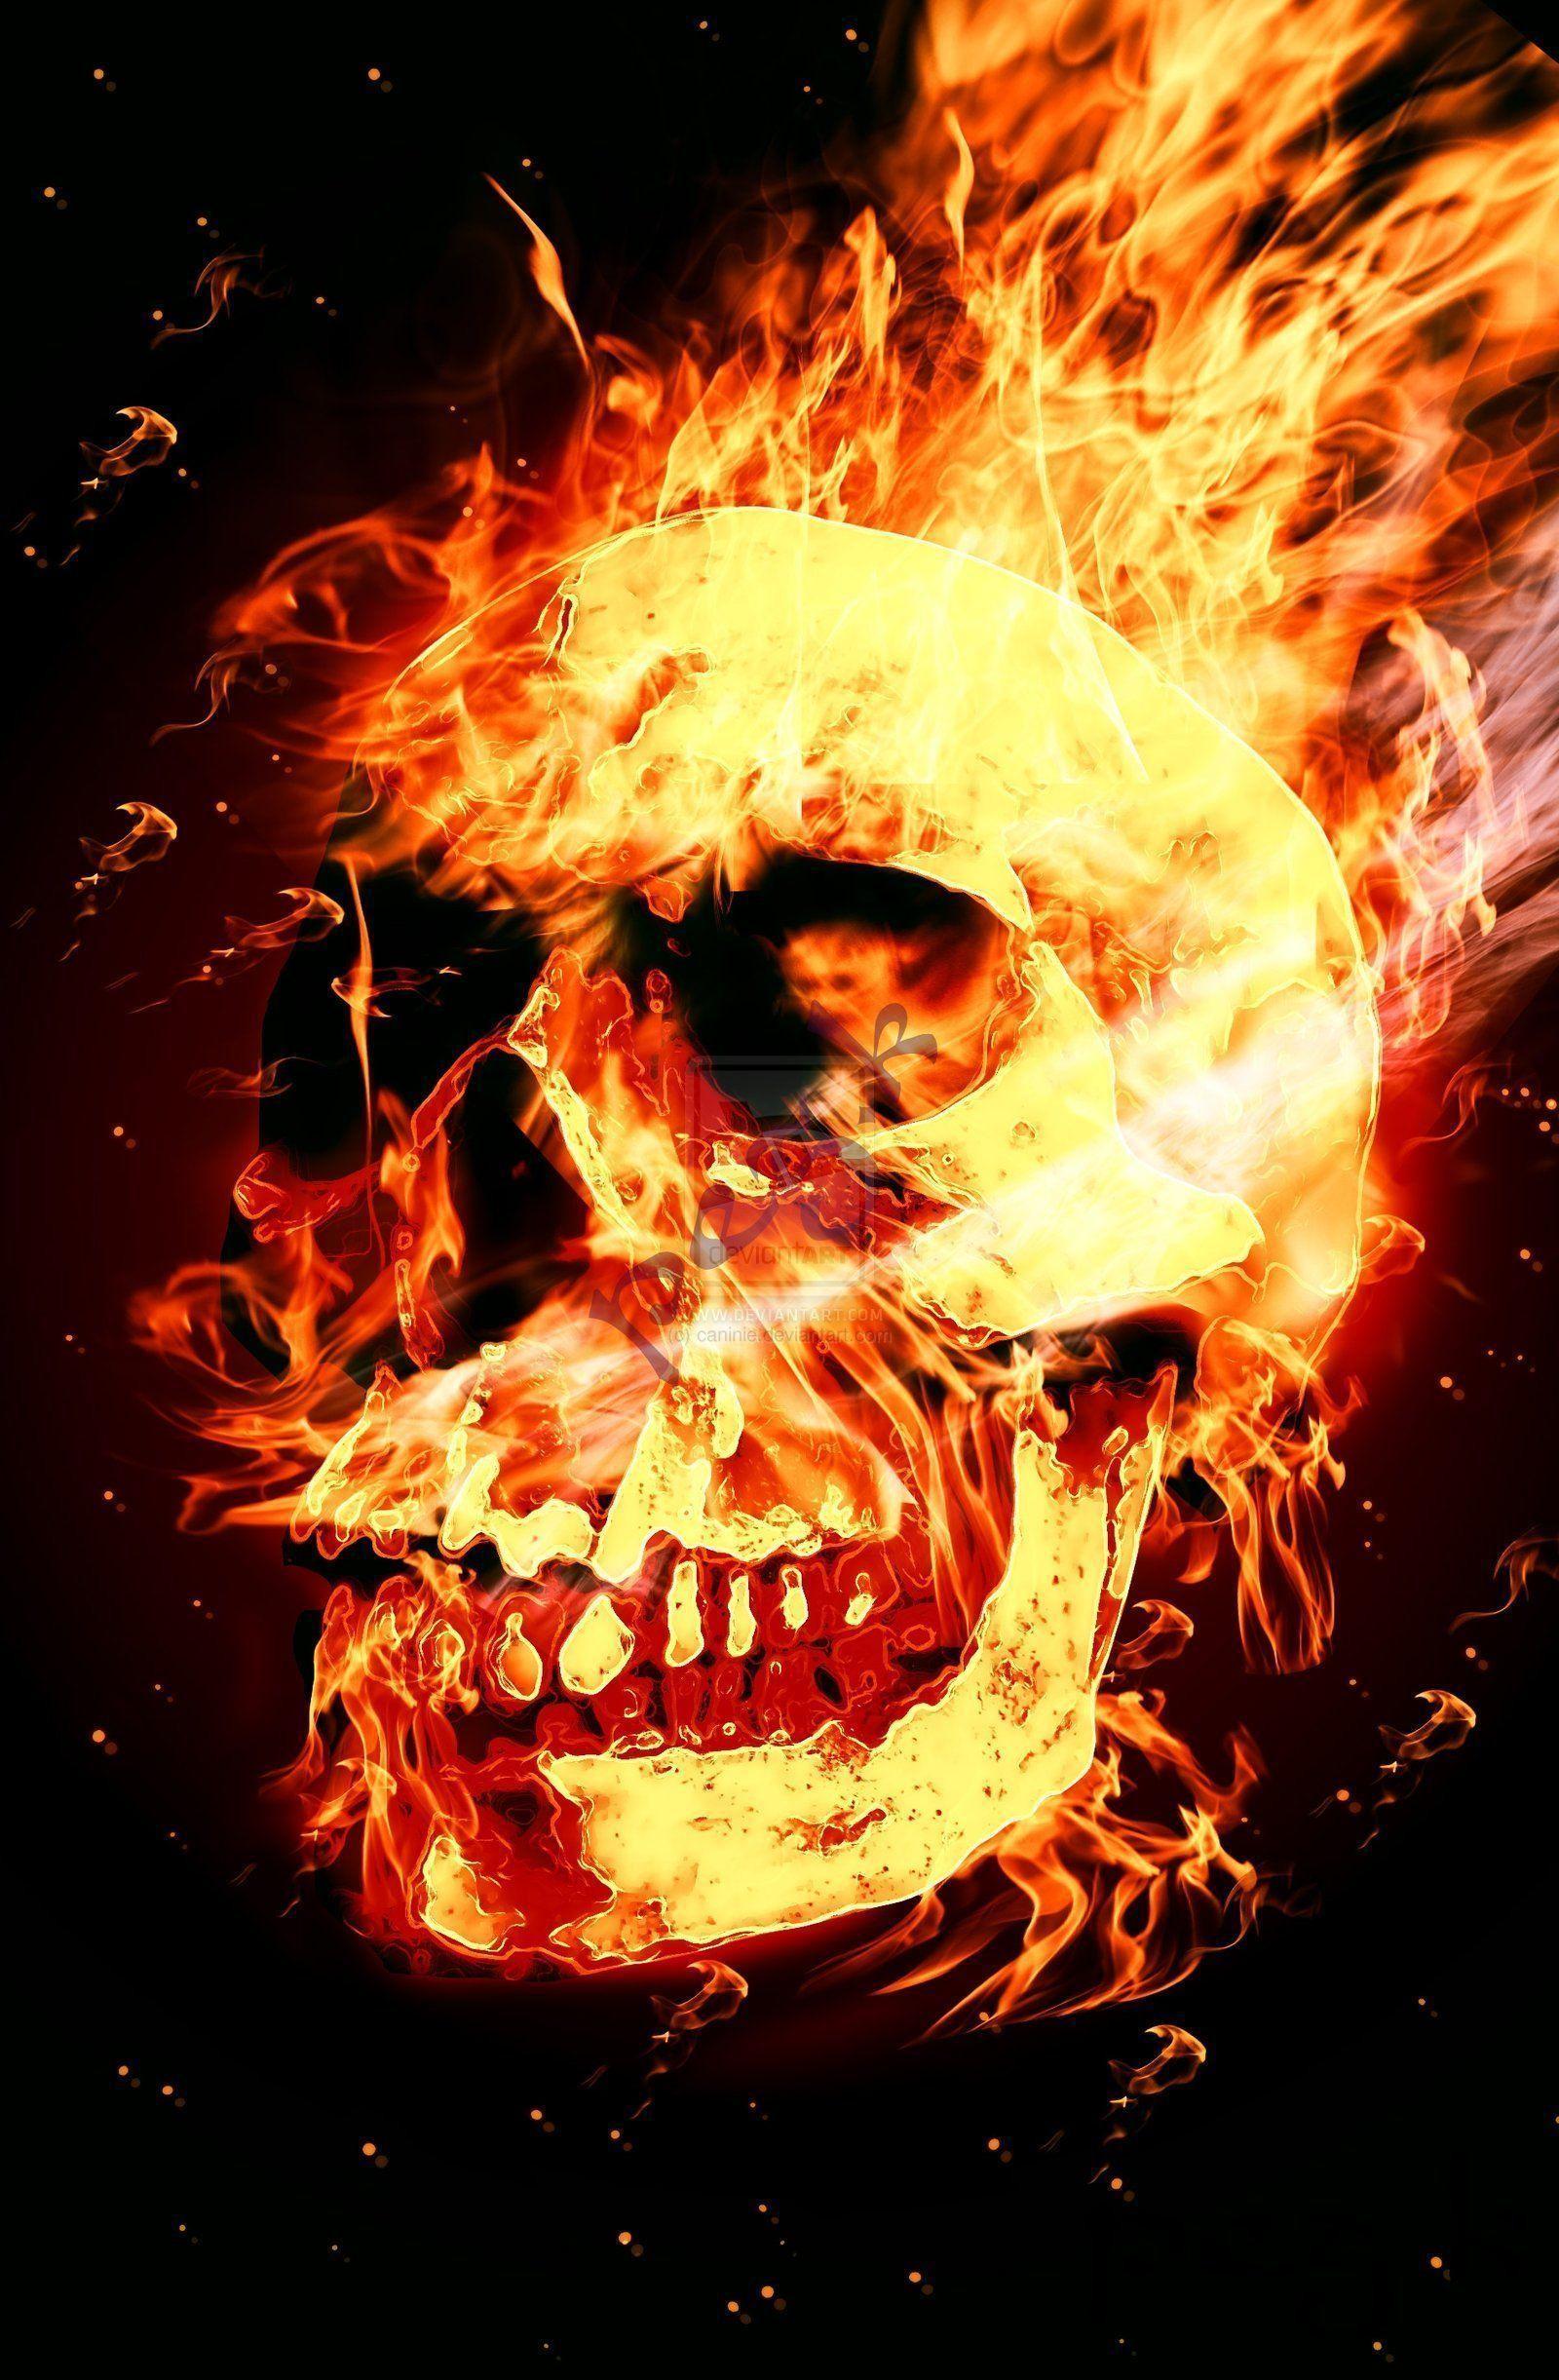 skull fire wallpaper 61